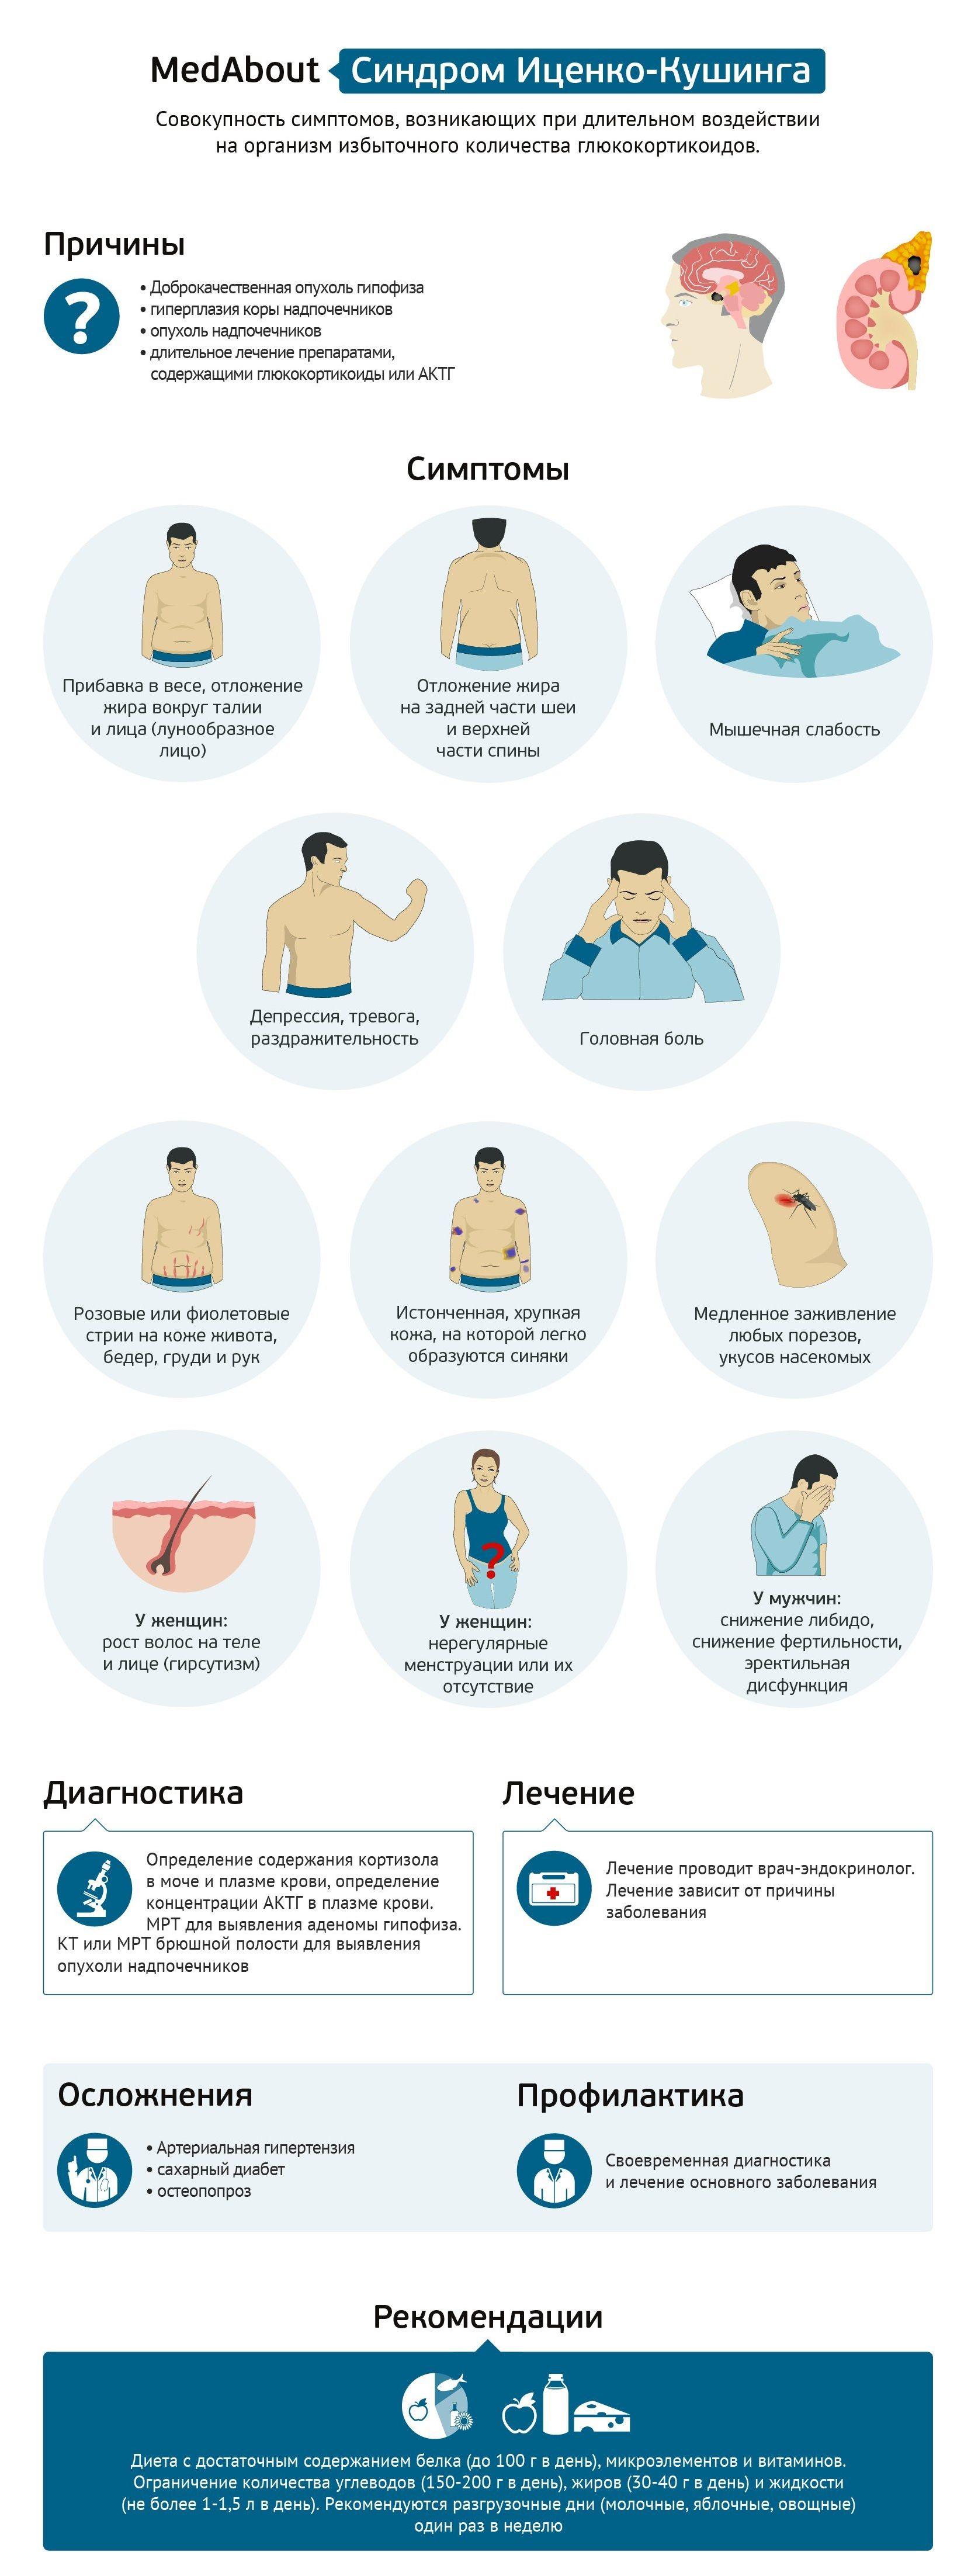 Синдром и болезнь Иценко-Кушинга — что это такое и симптомы у человека 2